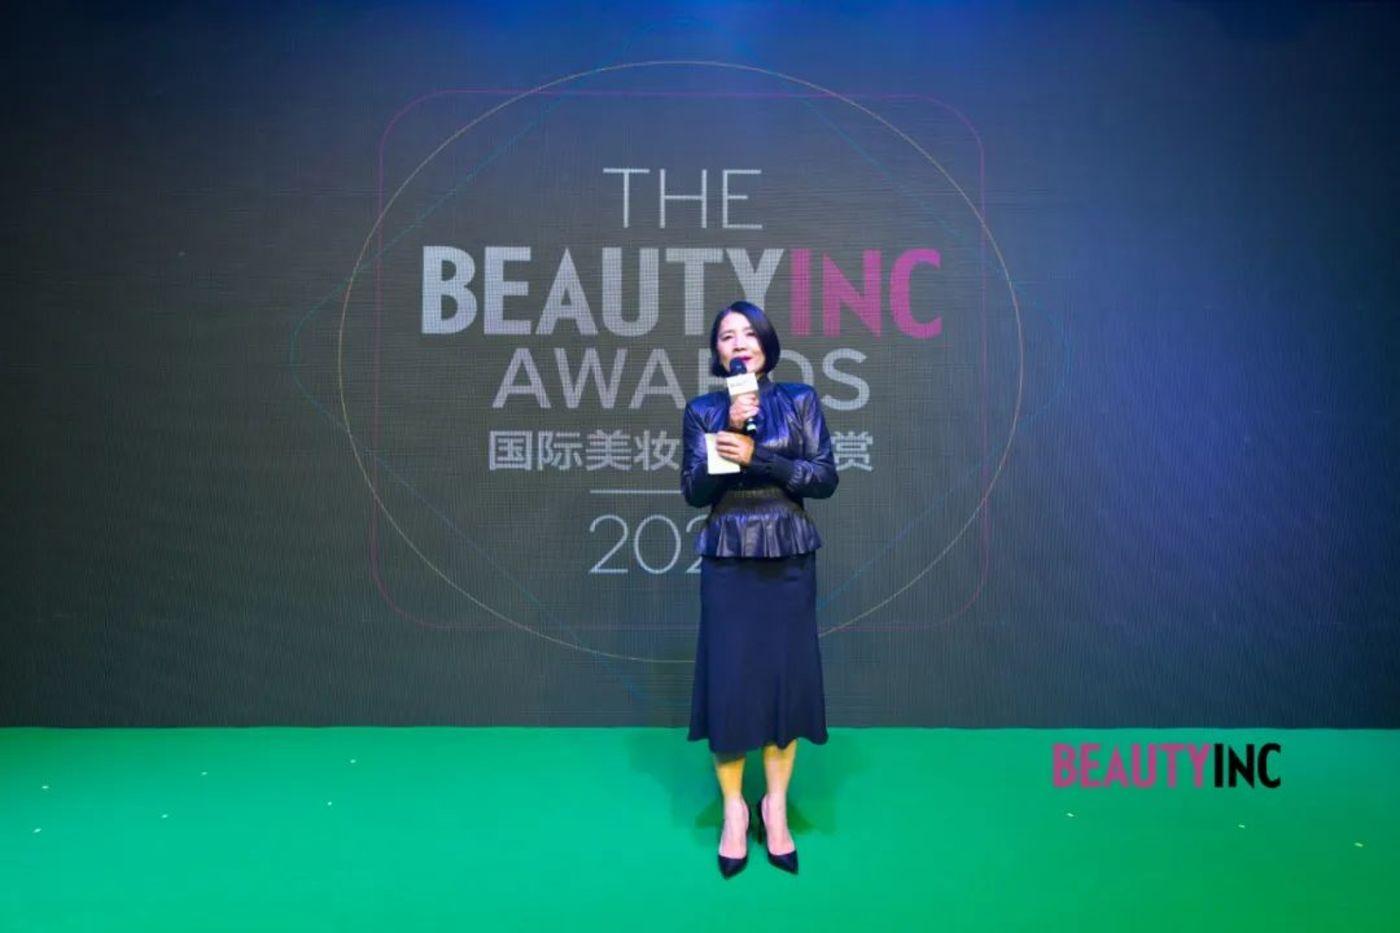 WWD China 联合创始人、策略负责人杨玟女士发表开幕致辞